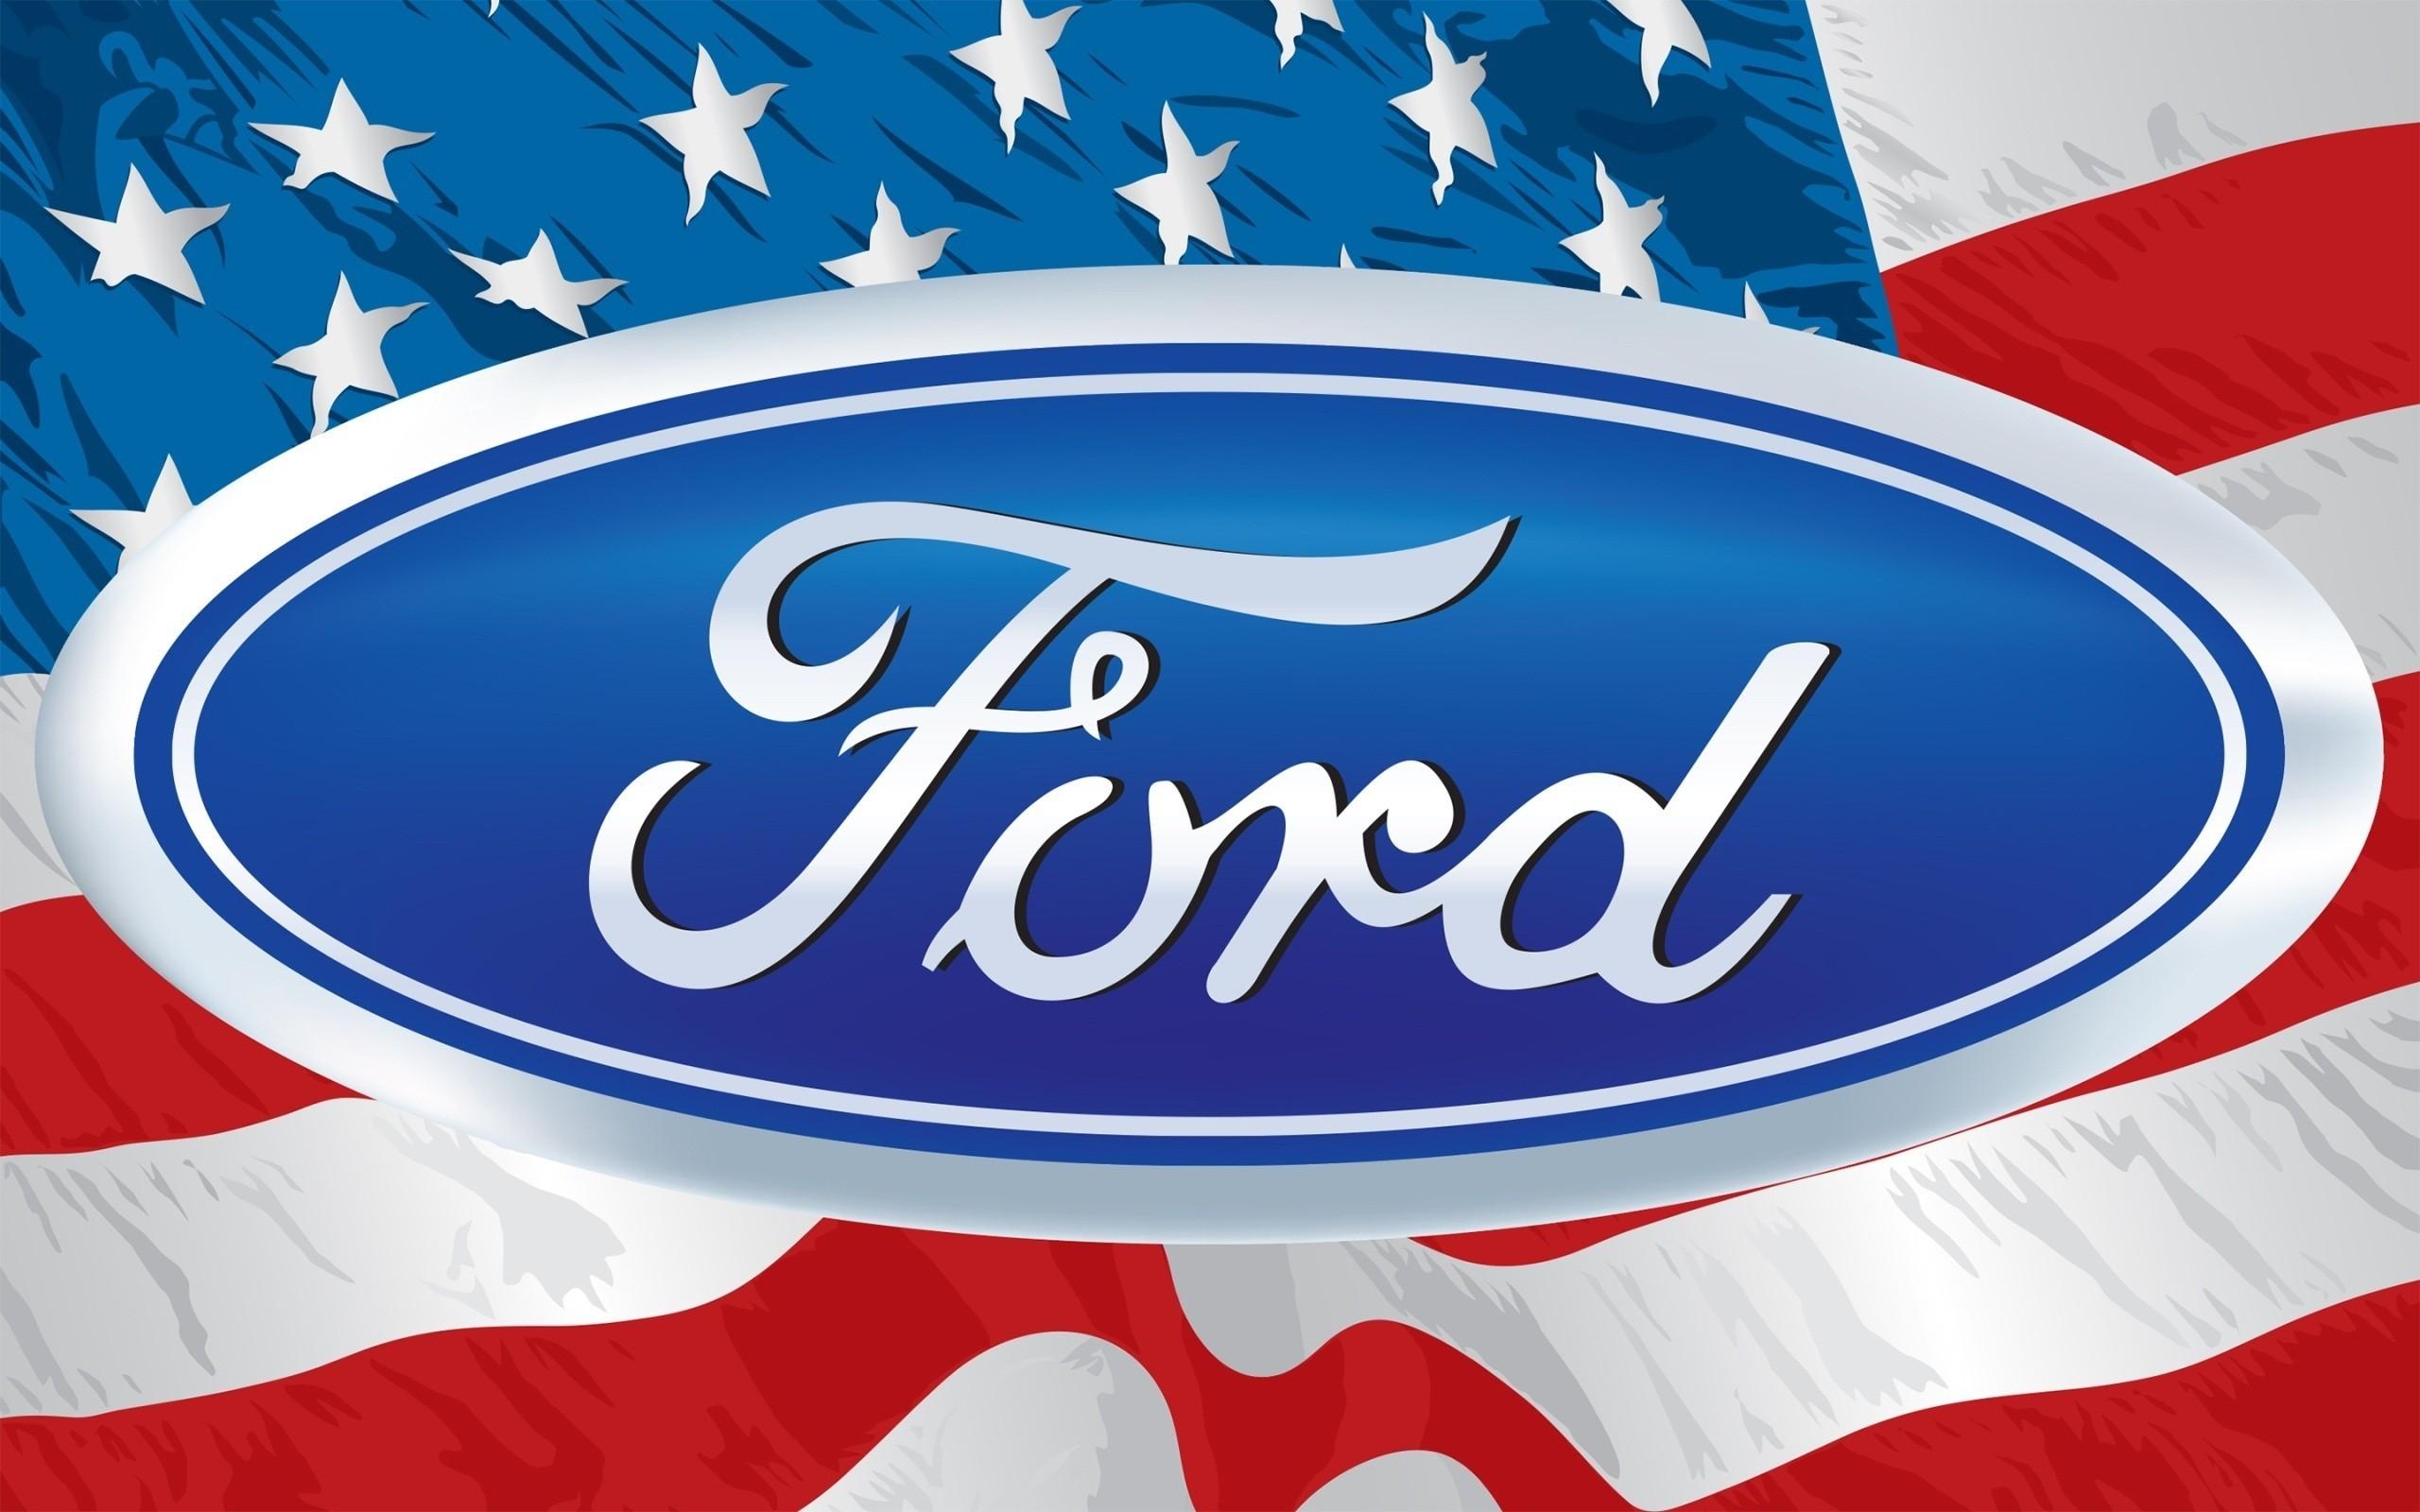 デスクトップ壁紙 図 ロゴ アメリカの旗 フォード ブランド